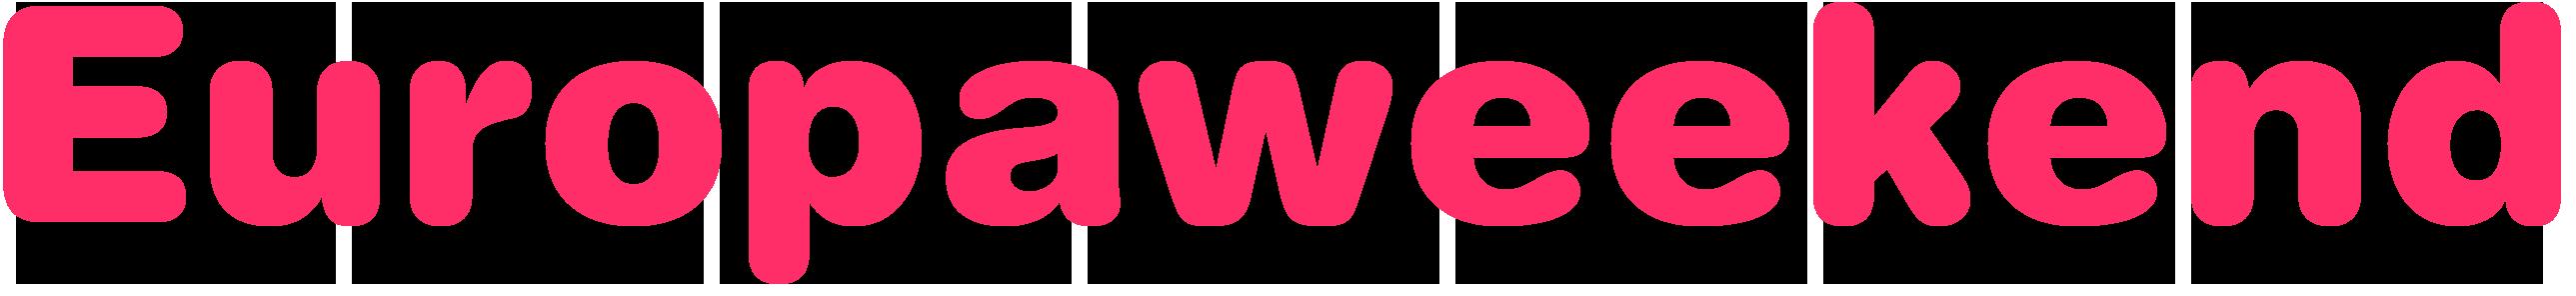 Europaweekends logga